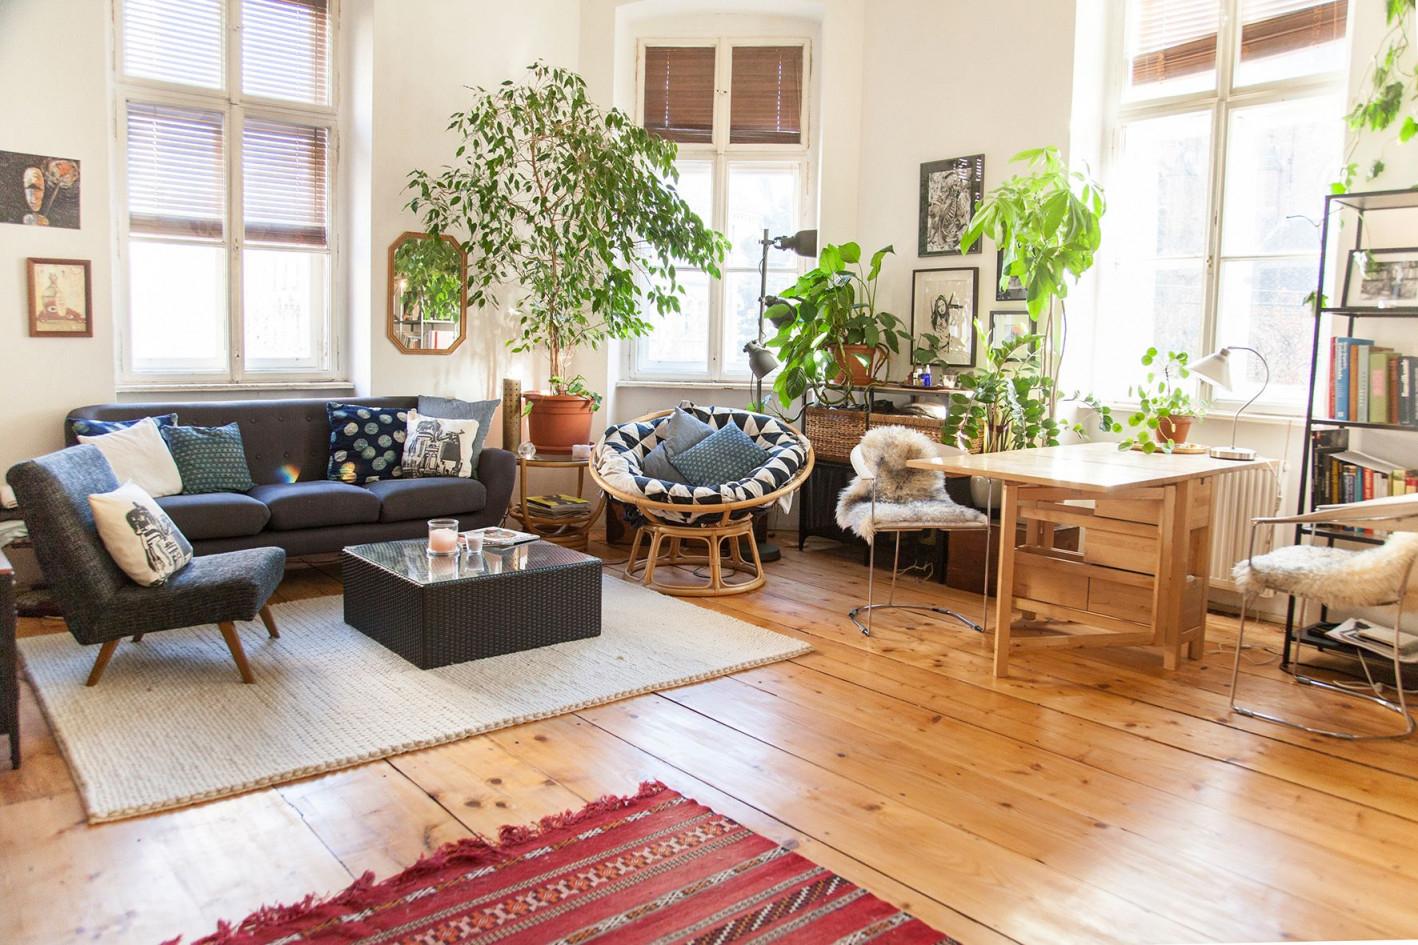 Großes Wohnzimmer In Wiener Altbau In 2020  Großes von Schöne Große Wohnzimmer Bilder Photo